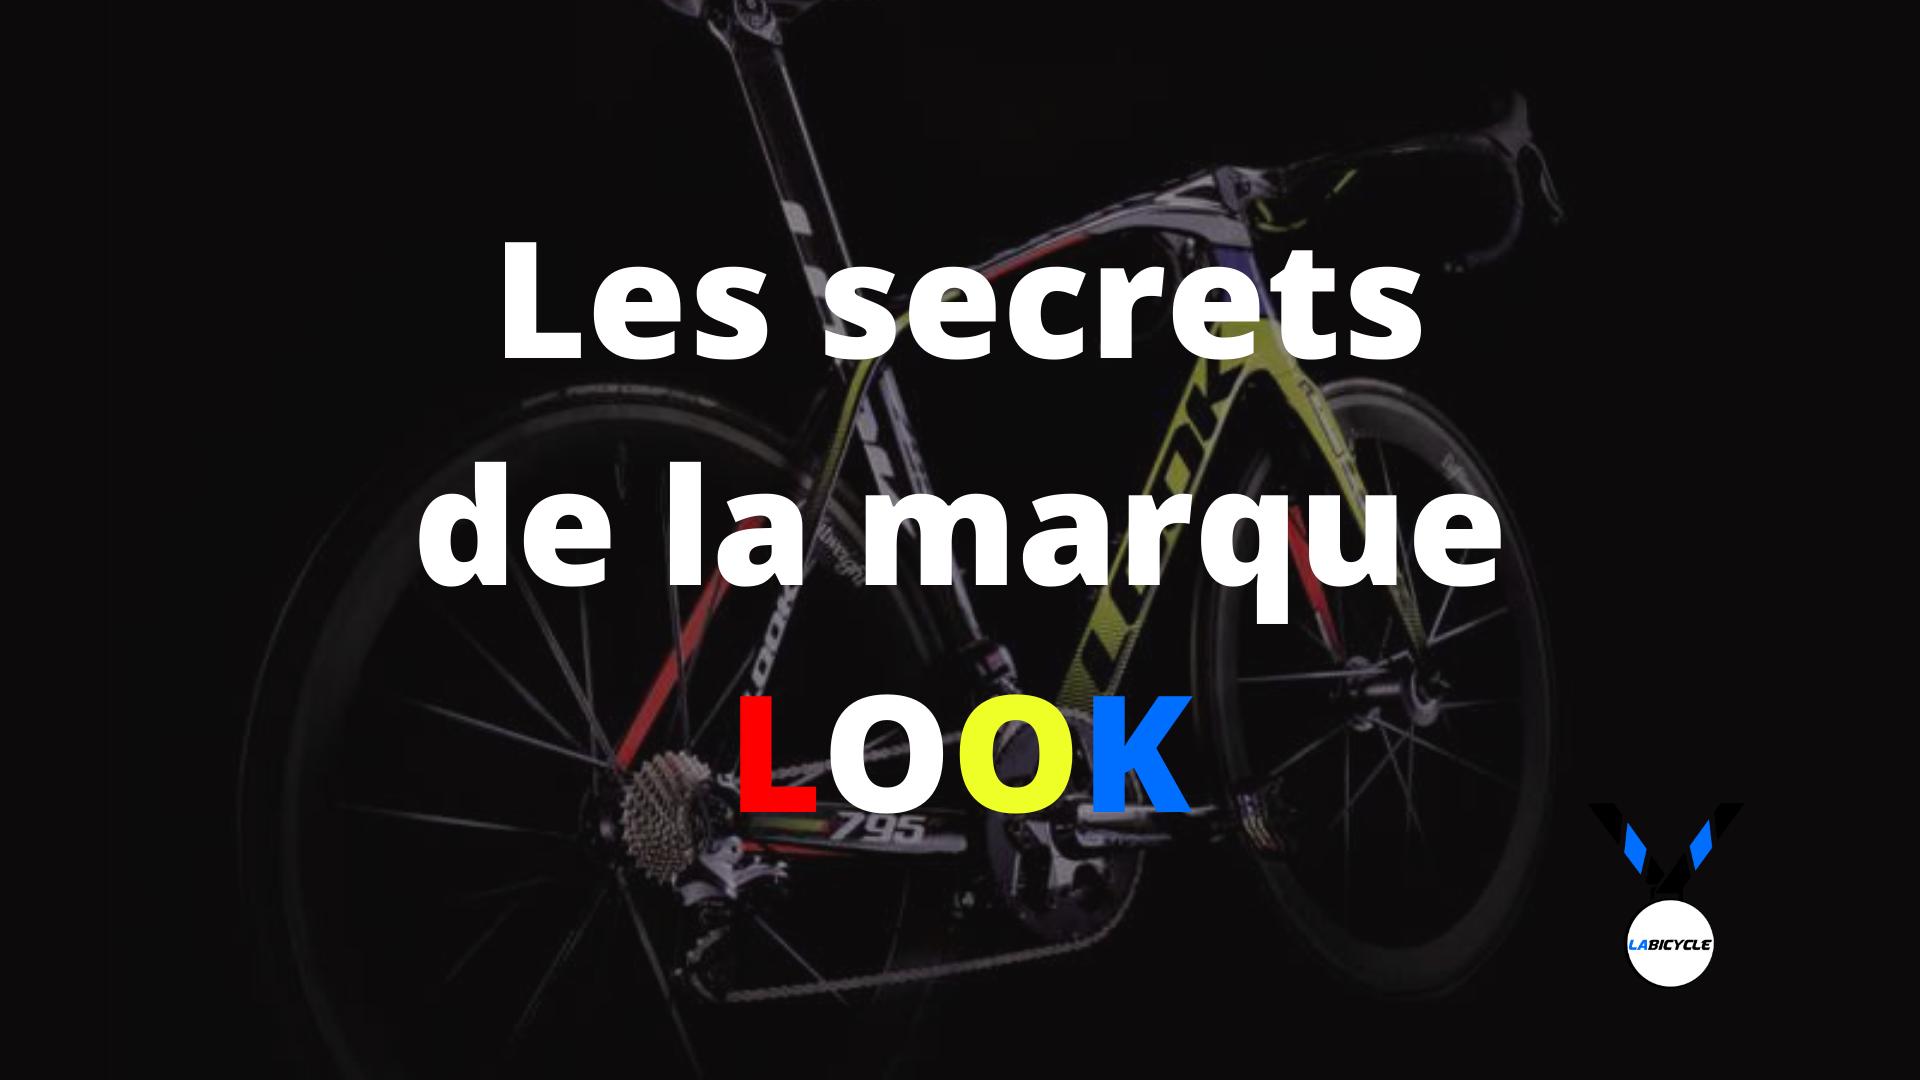 Les secrets de la marque Look